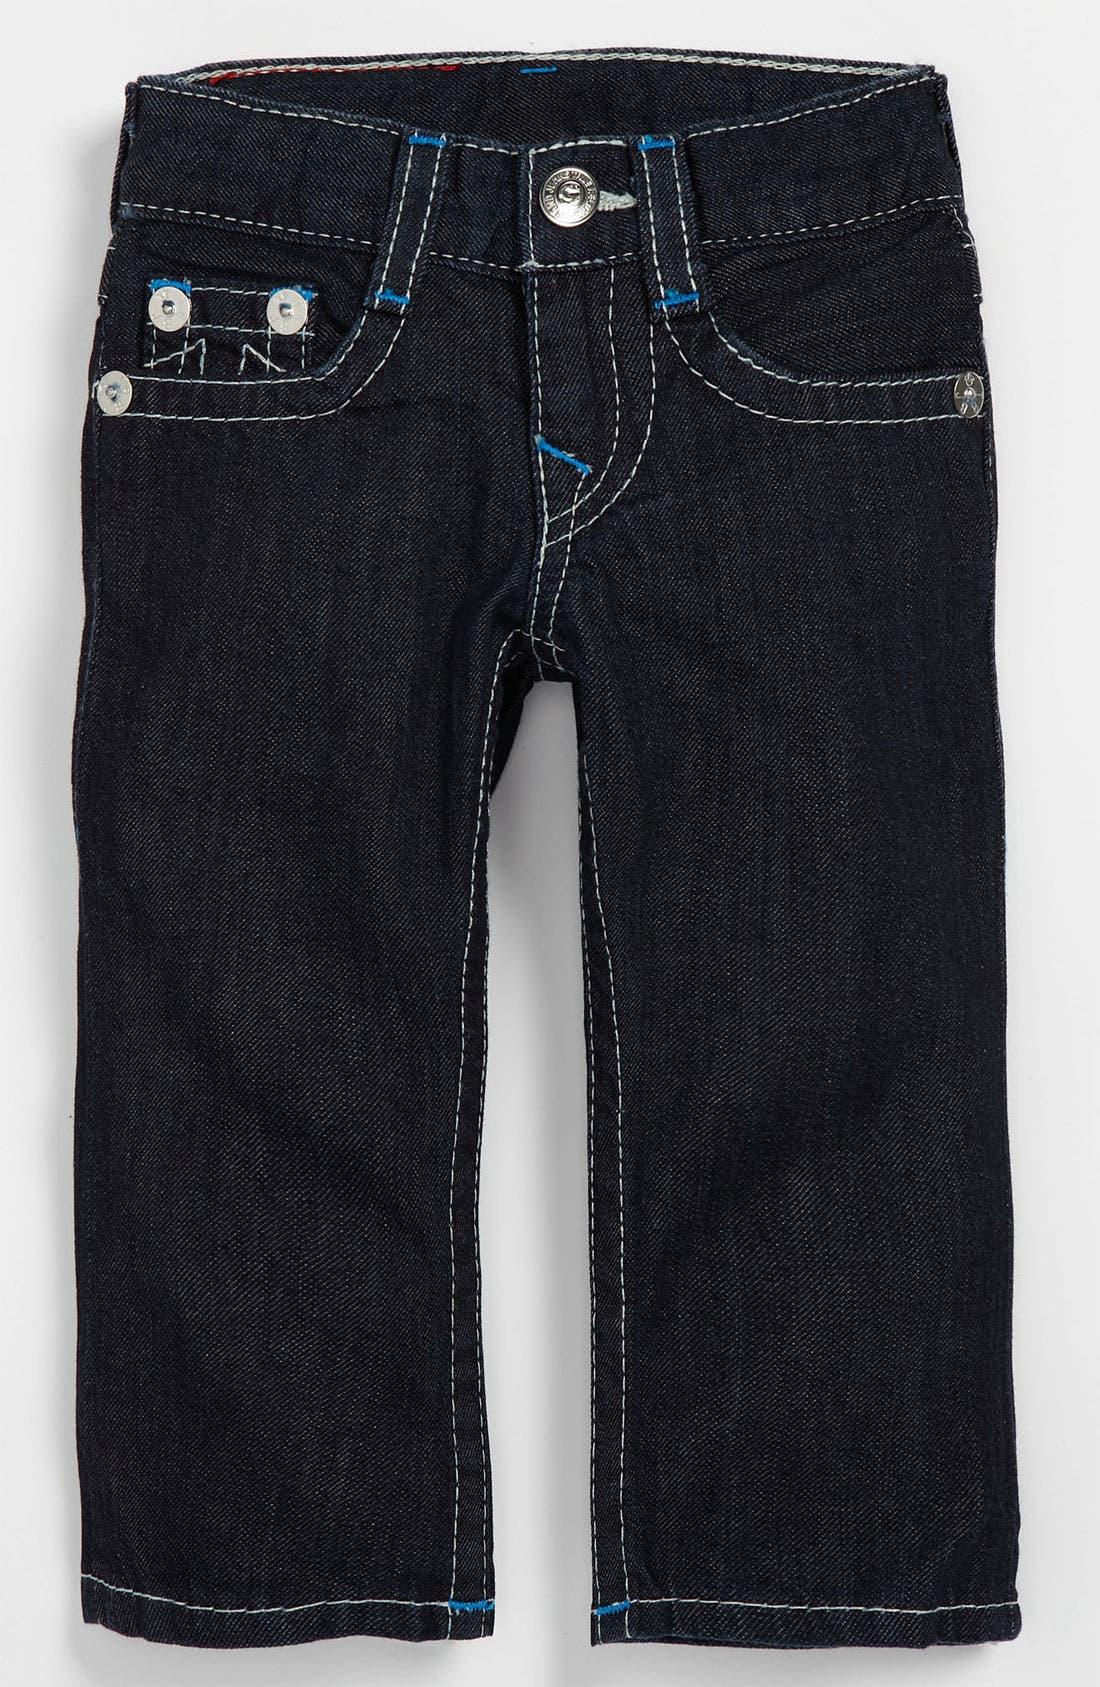 Alternate Image 2  - True Religion Brand Jeans 'Jack' Skinny Leg Jeans (Infant)